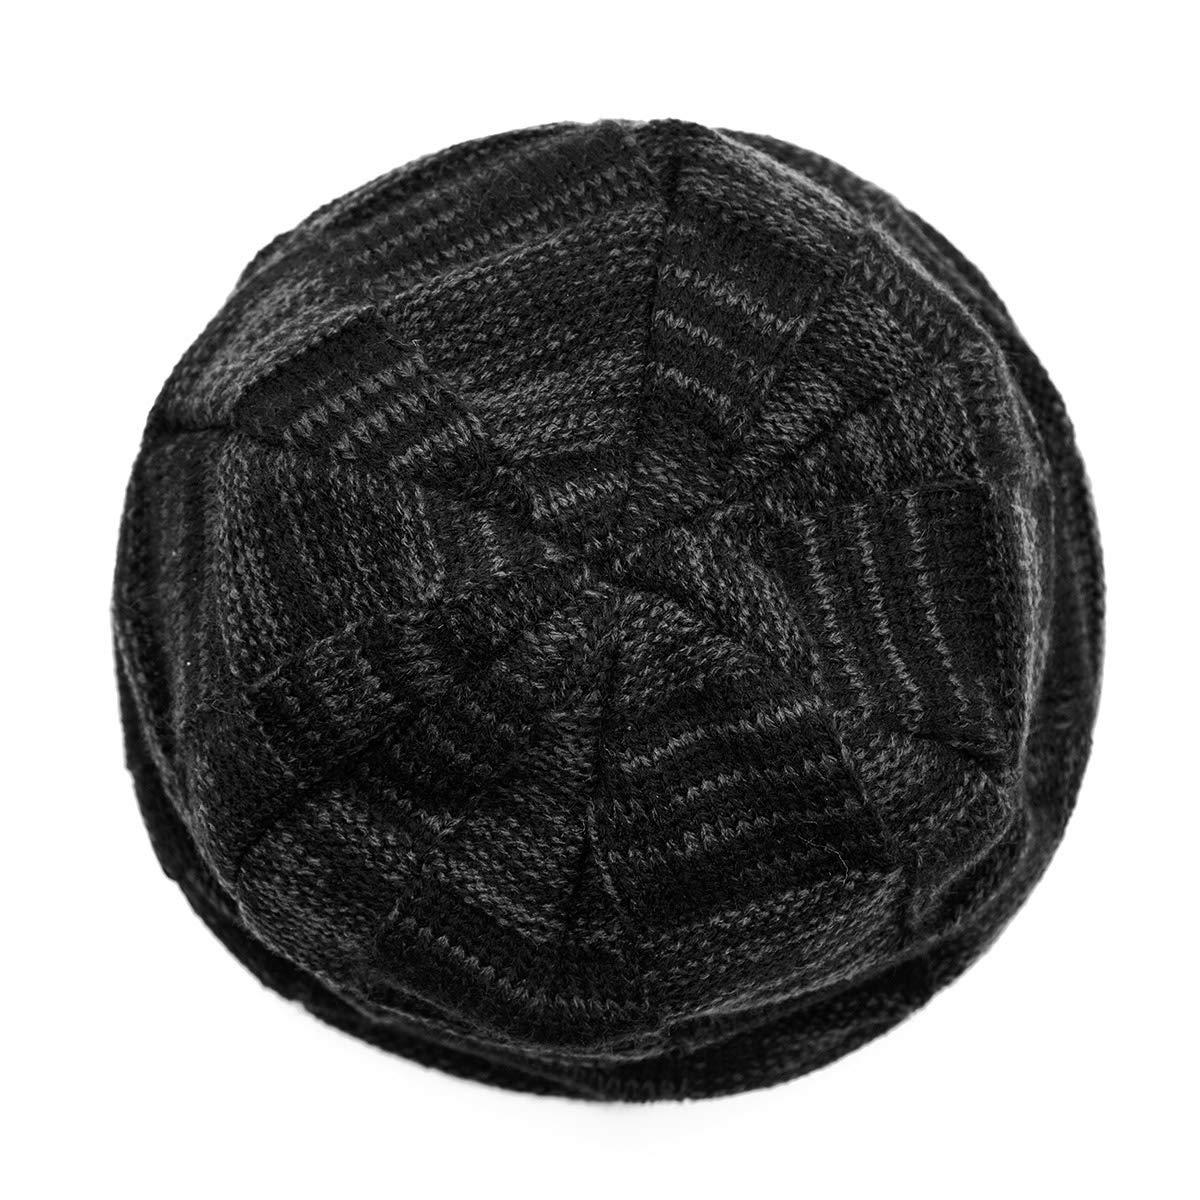 WISH CLUB Beanie Wintermütze warm gefütterte Weich Fleece-Futter Mütze Sanft Gestrickt Hut Männer Frauen (schwarz)